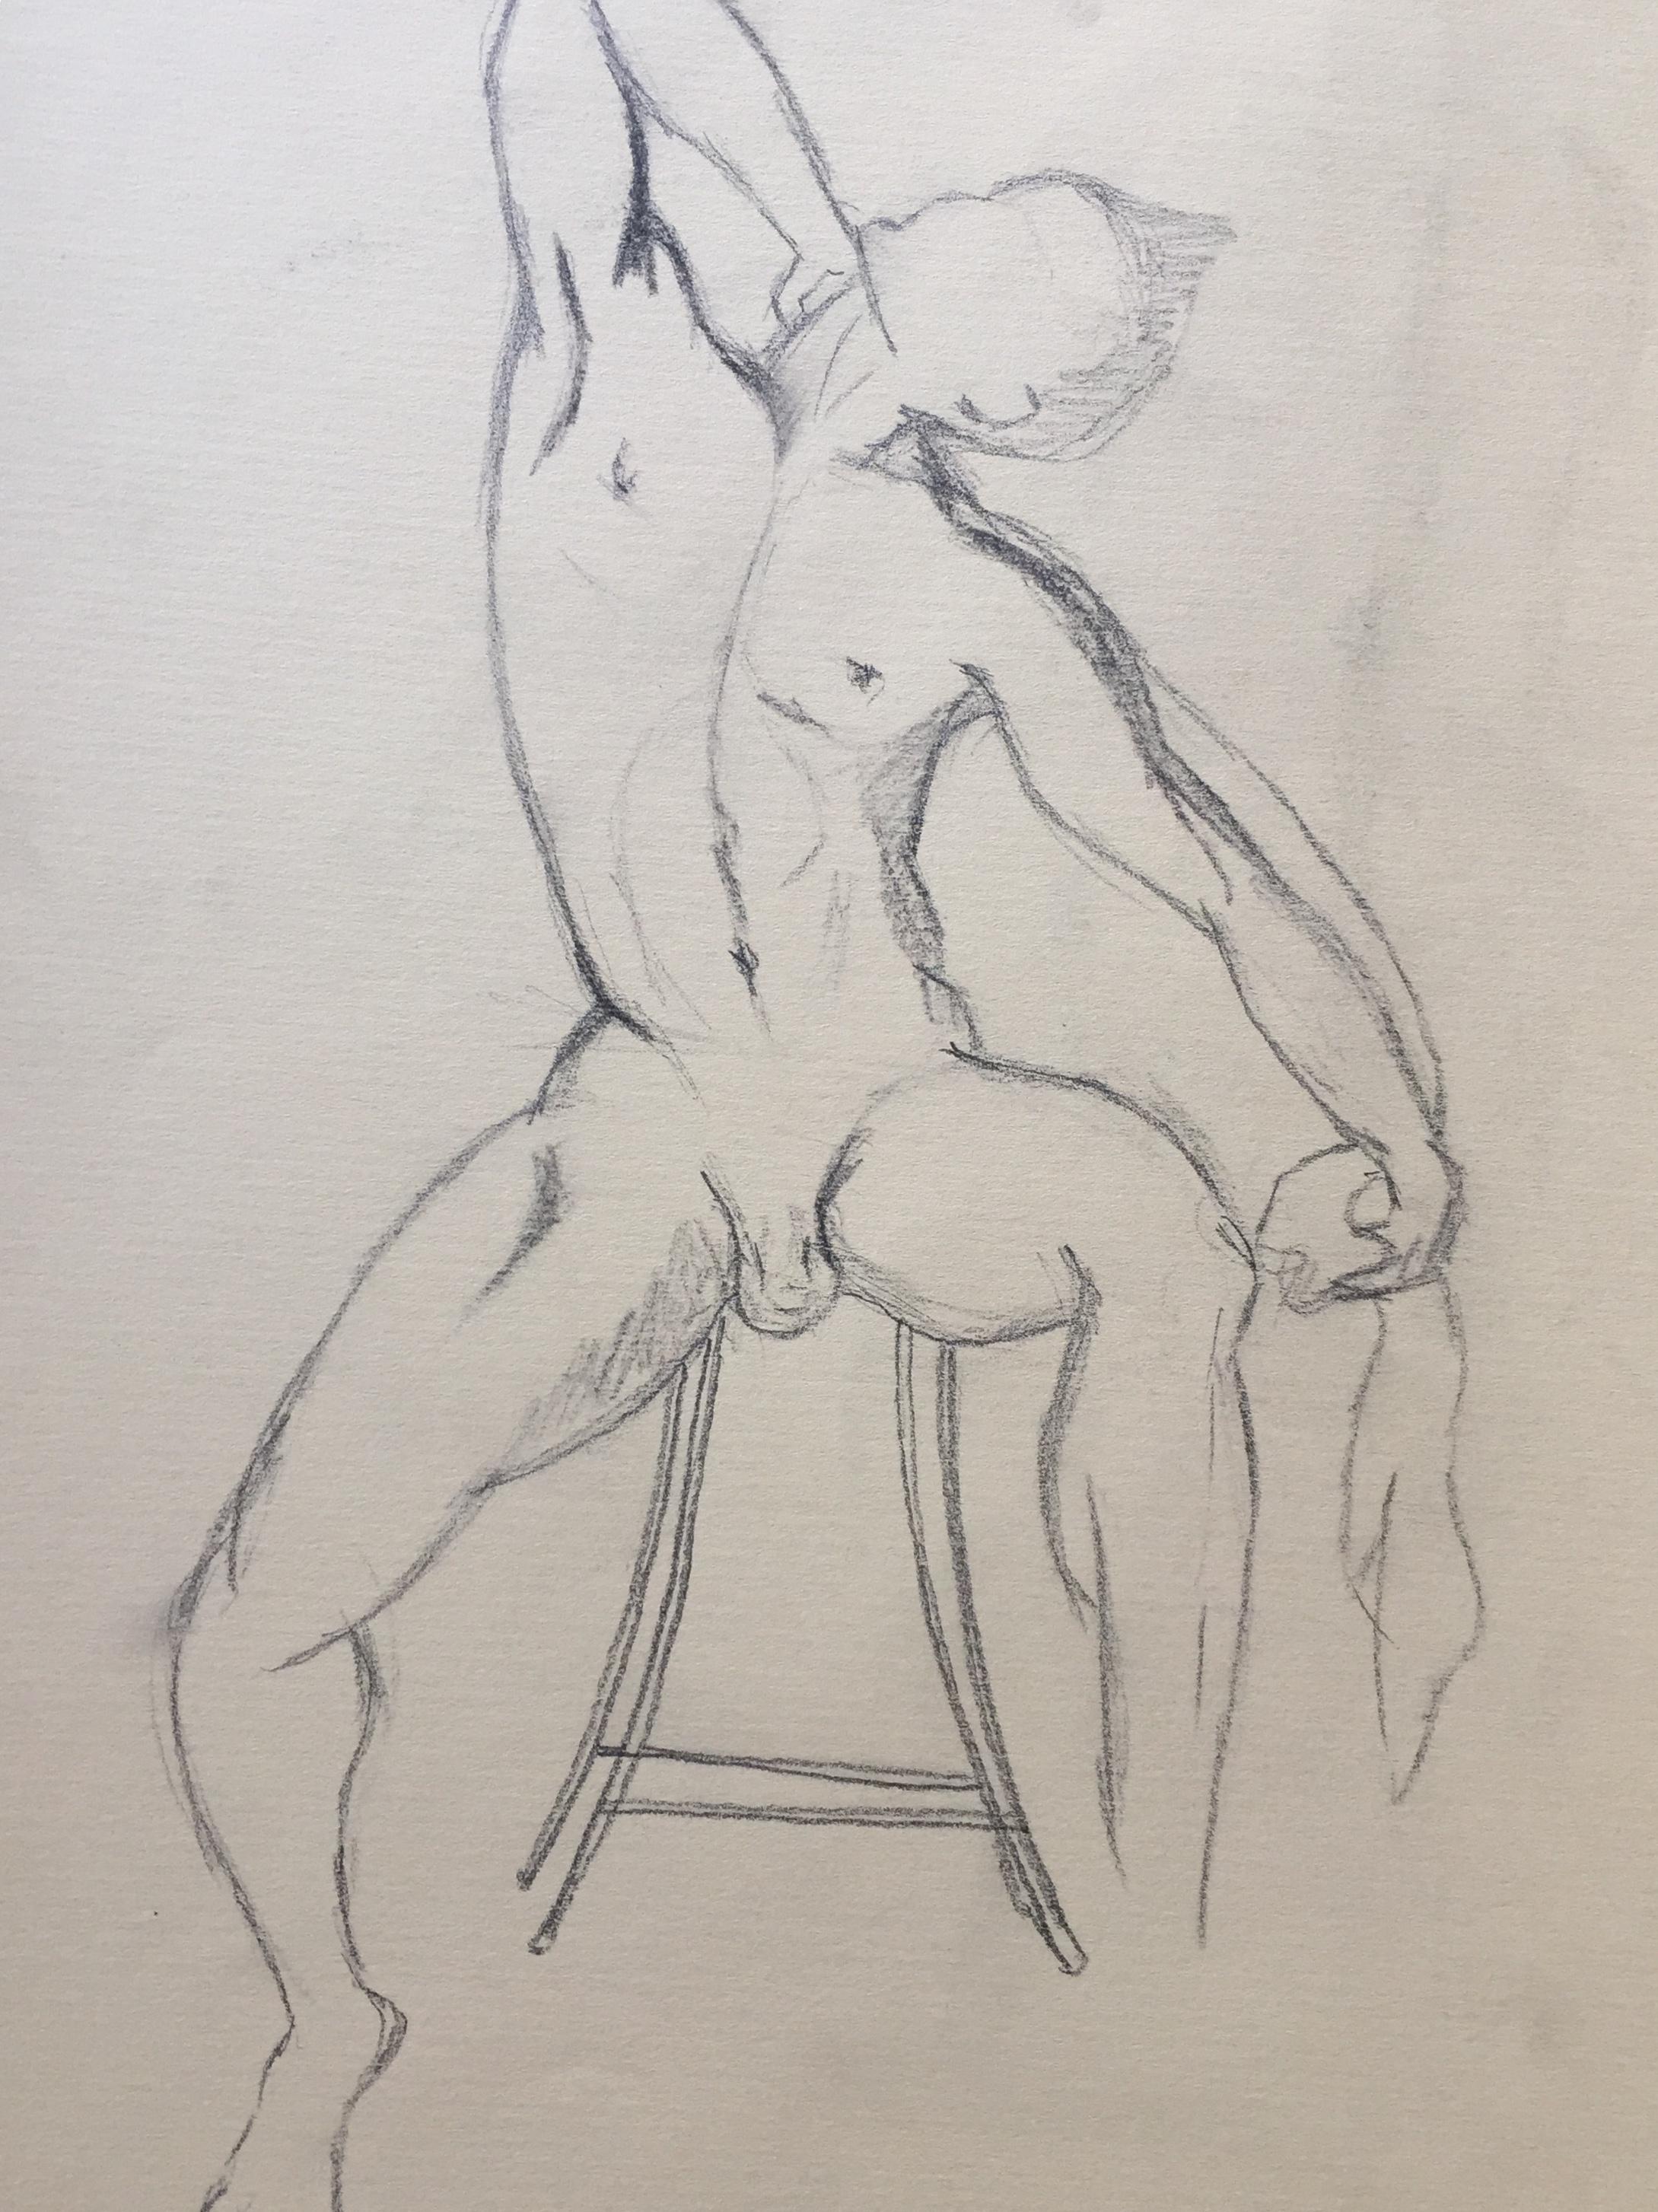 Dessin laocoon et ses fils  cours de dessin